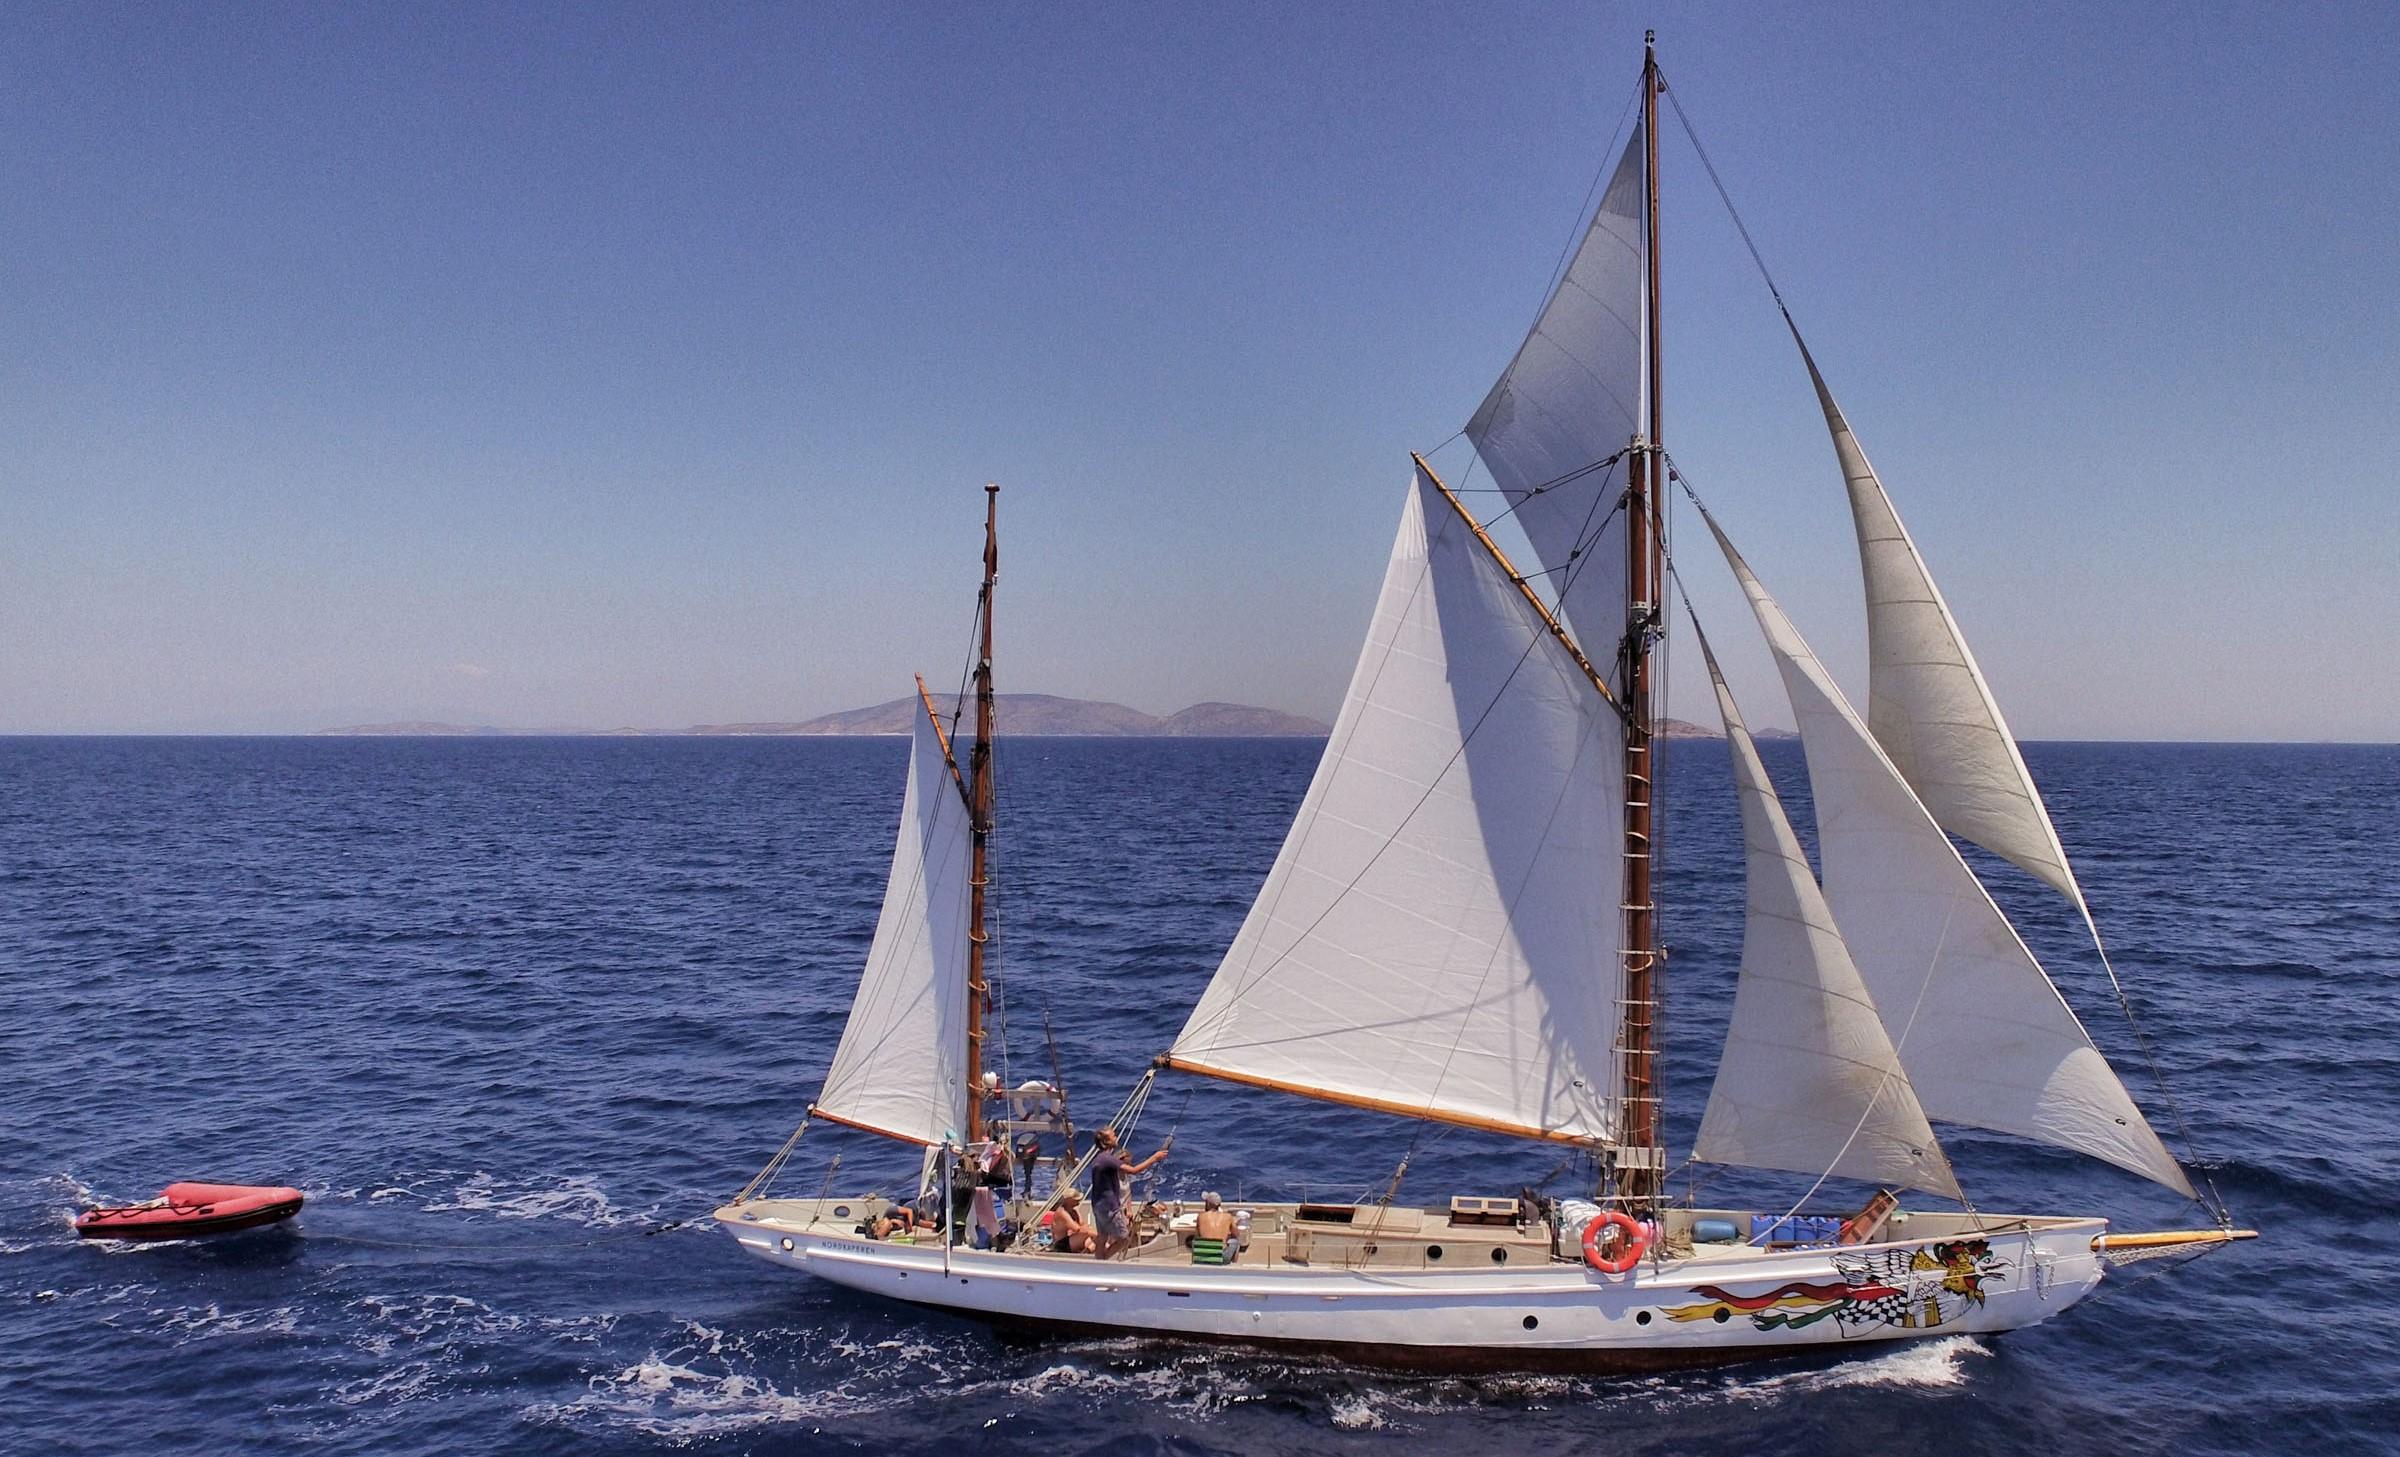 Troels Kløvedal får sin livsdrøm om at sejle i Odysseus' kølvand. Det tager tre måneder med Nordkaperen. Foto: Finn Hageman/TV 2